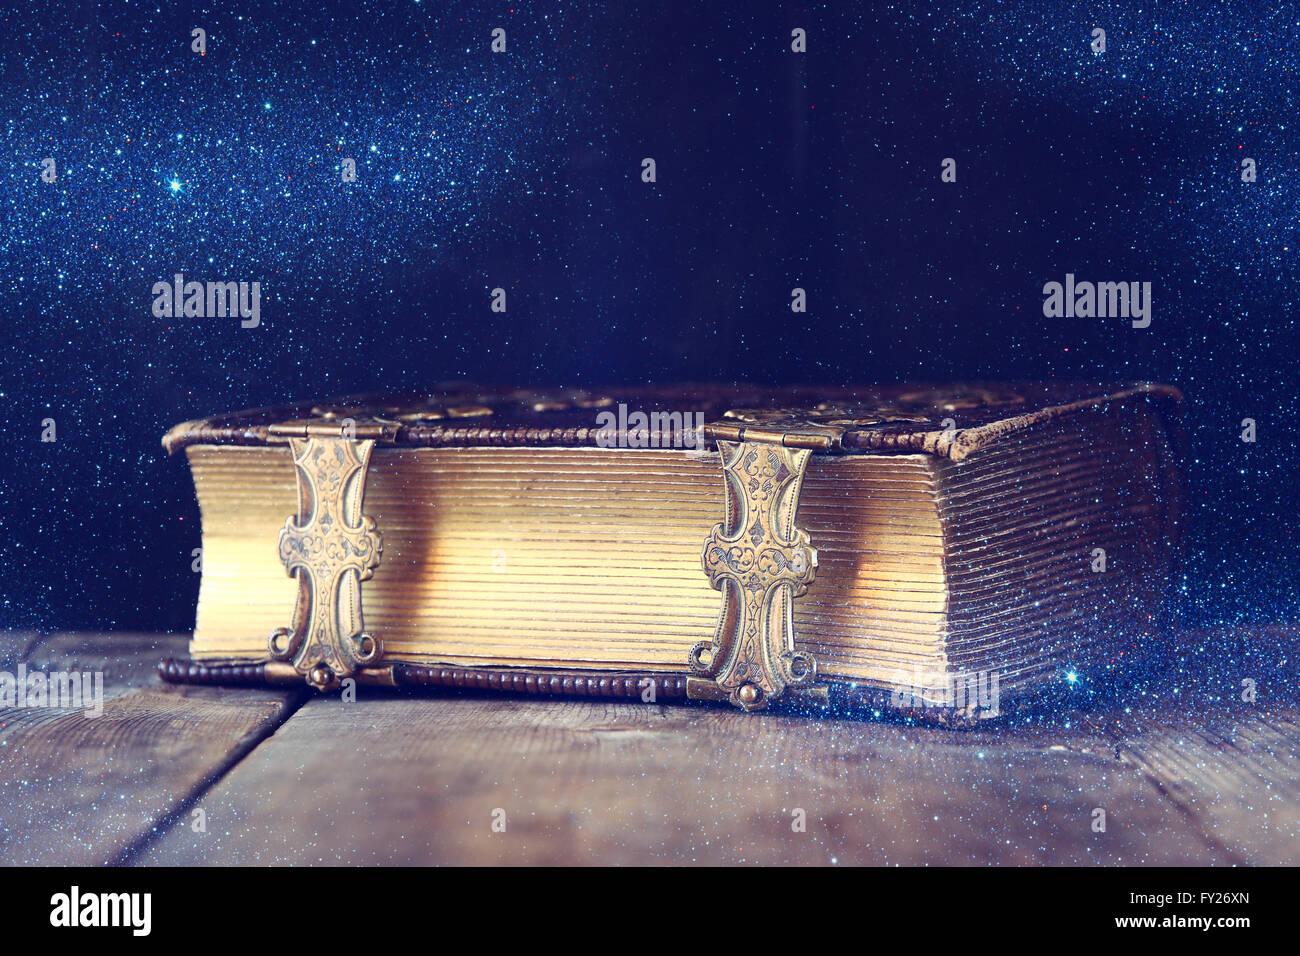 Imagen de clave baja del libro de cuentos antiguos. vintage filtradas con purpurina superpuesto el enfoque selectivo. Imagen De Stock